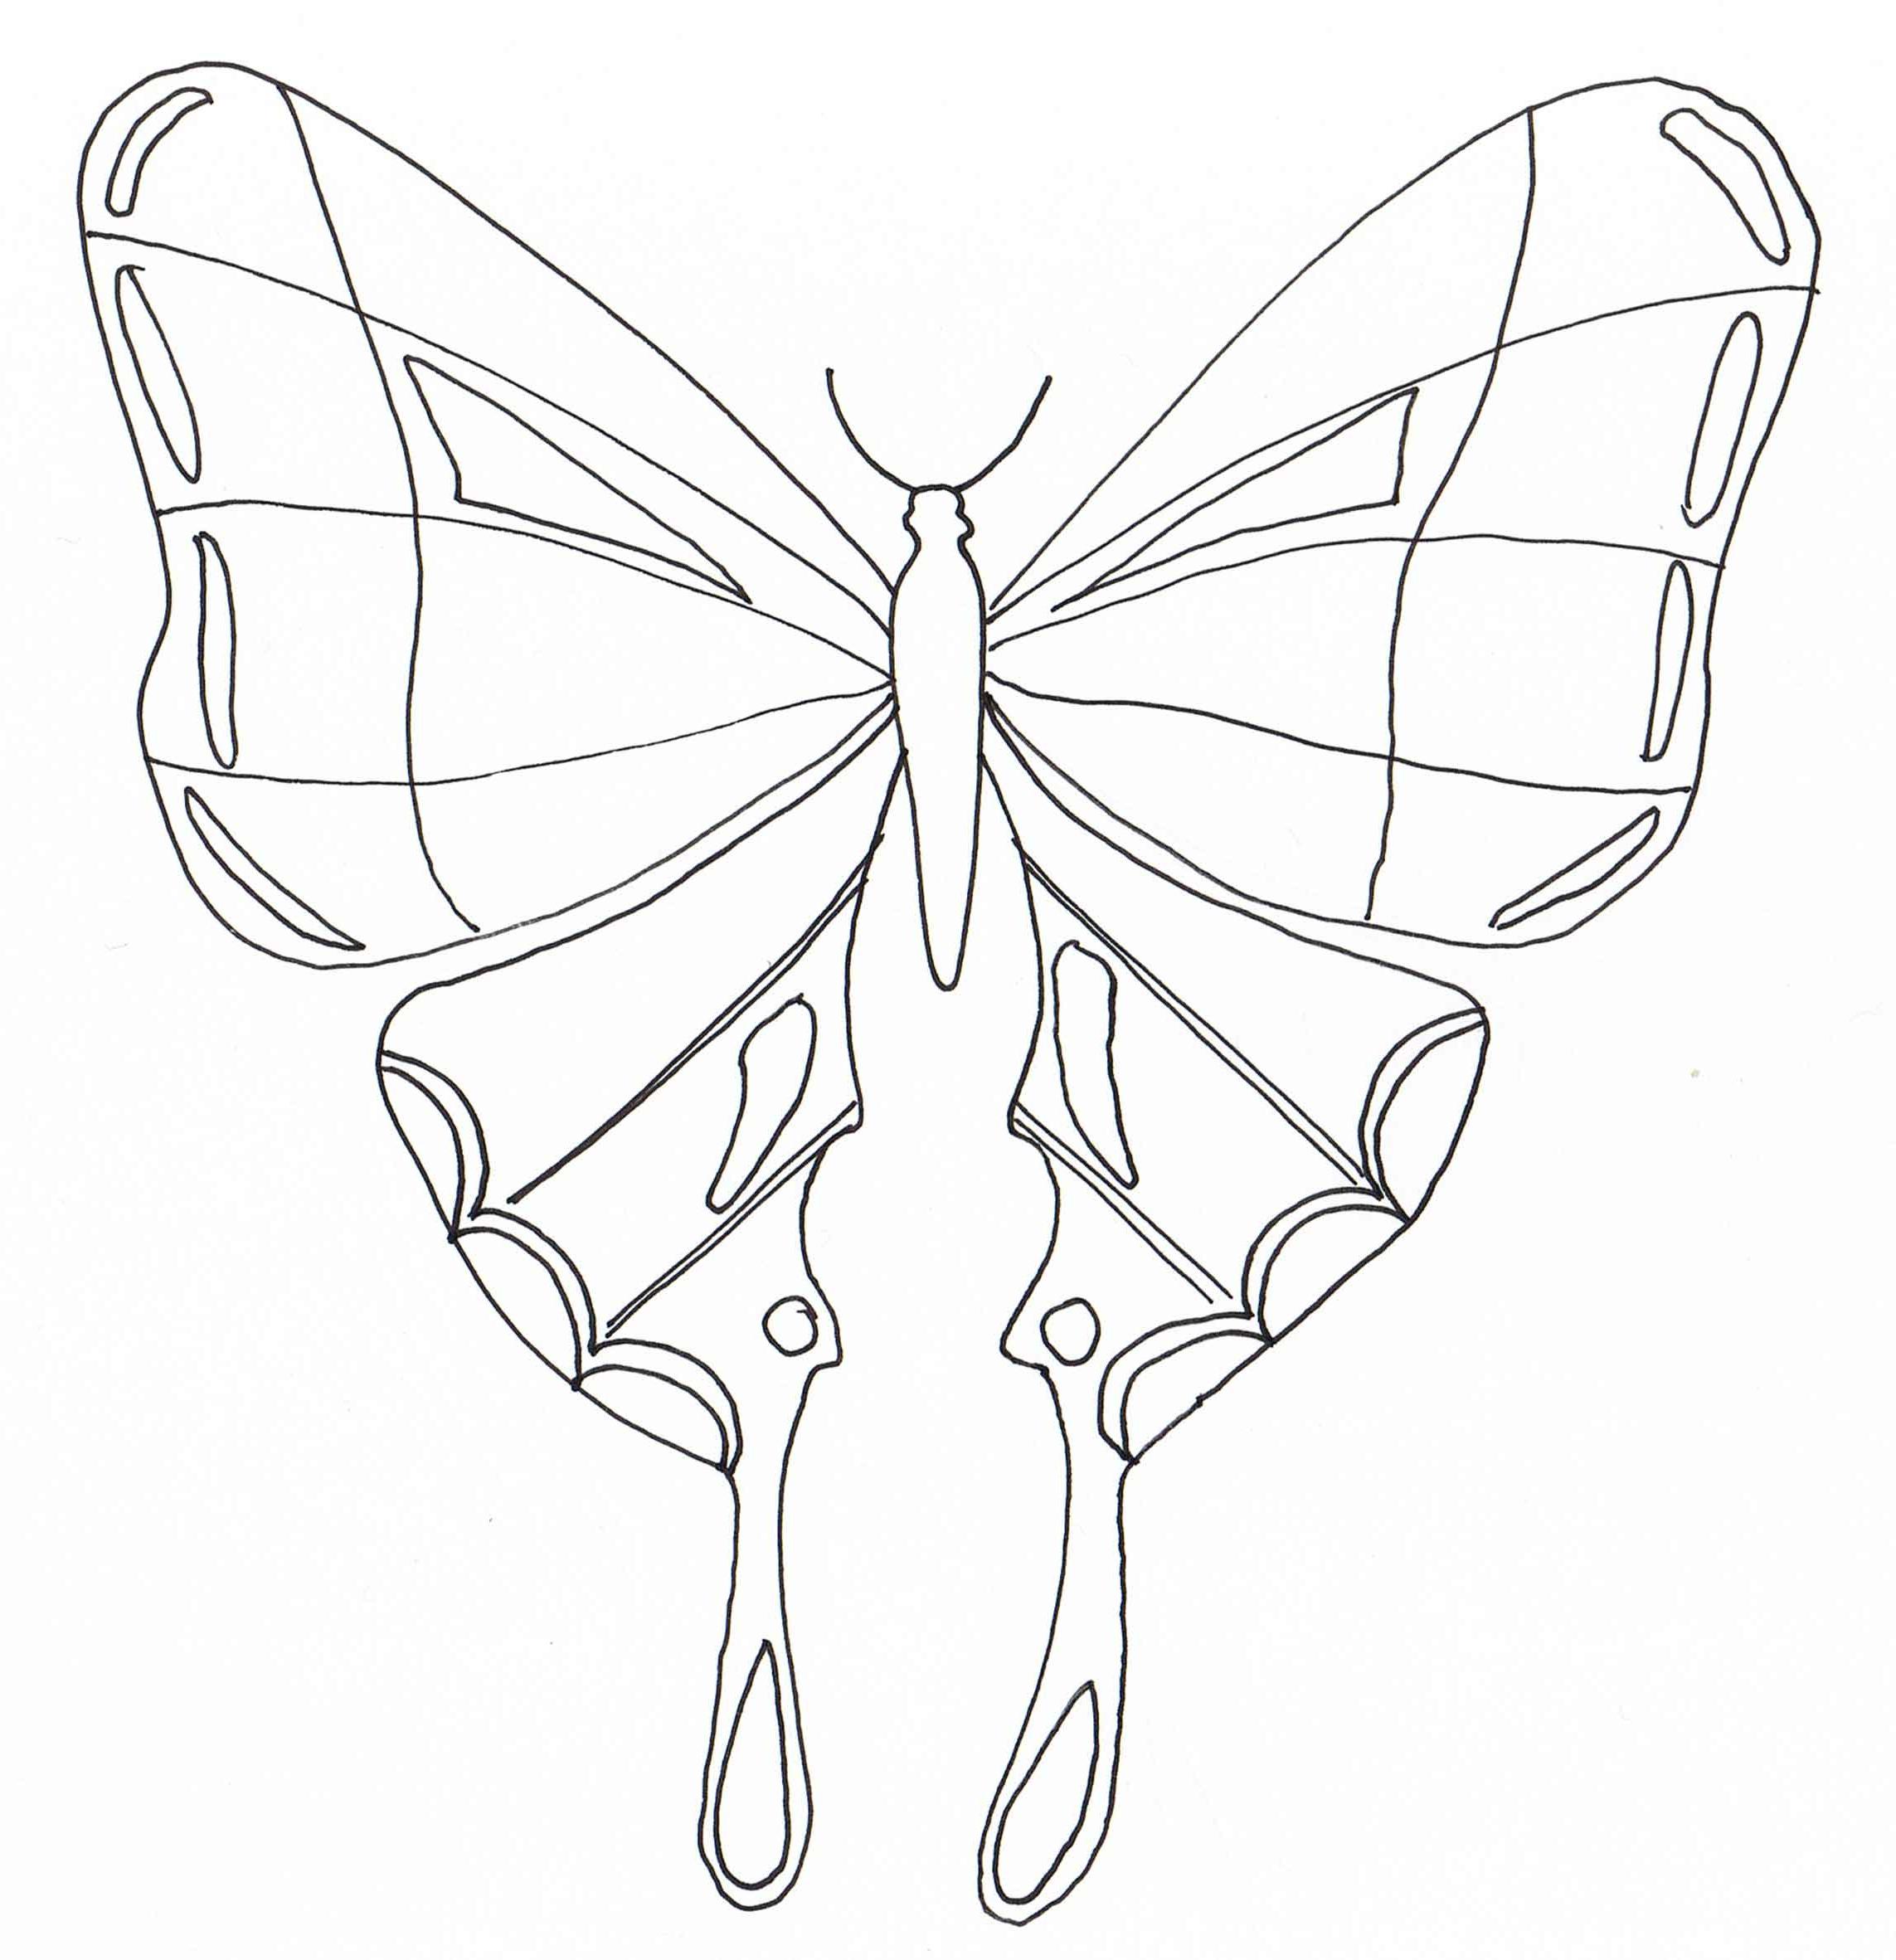 10 Nouveau De Coloriage Papillon Collection - Coloriage concernant Coloriage Papillon